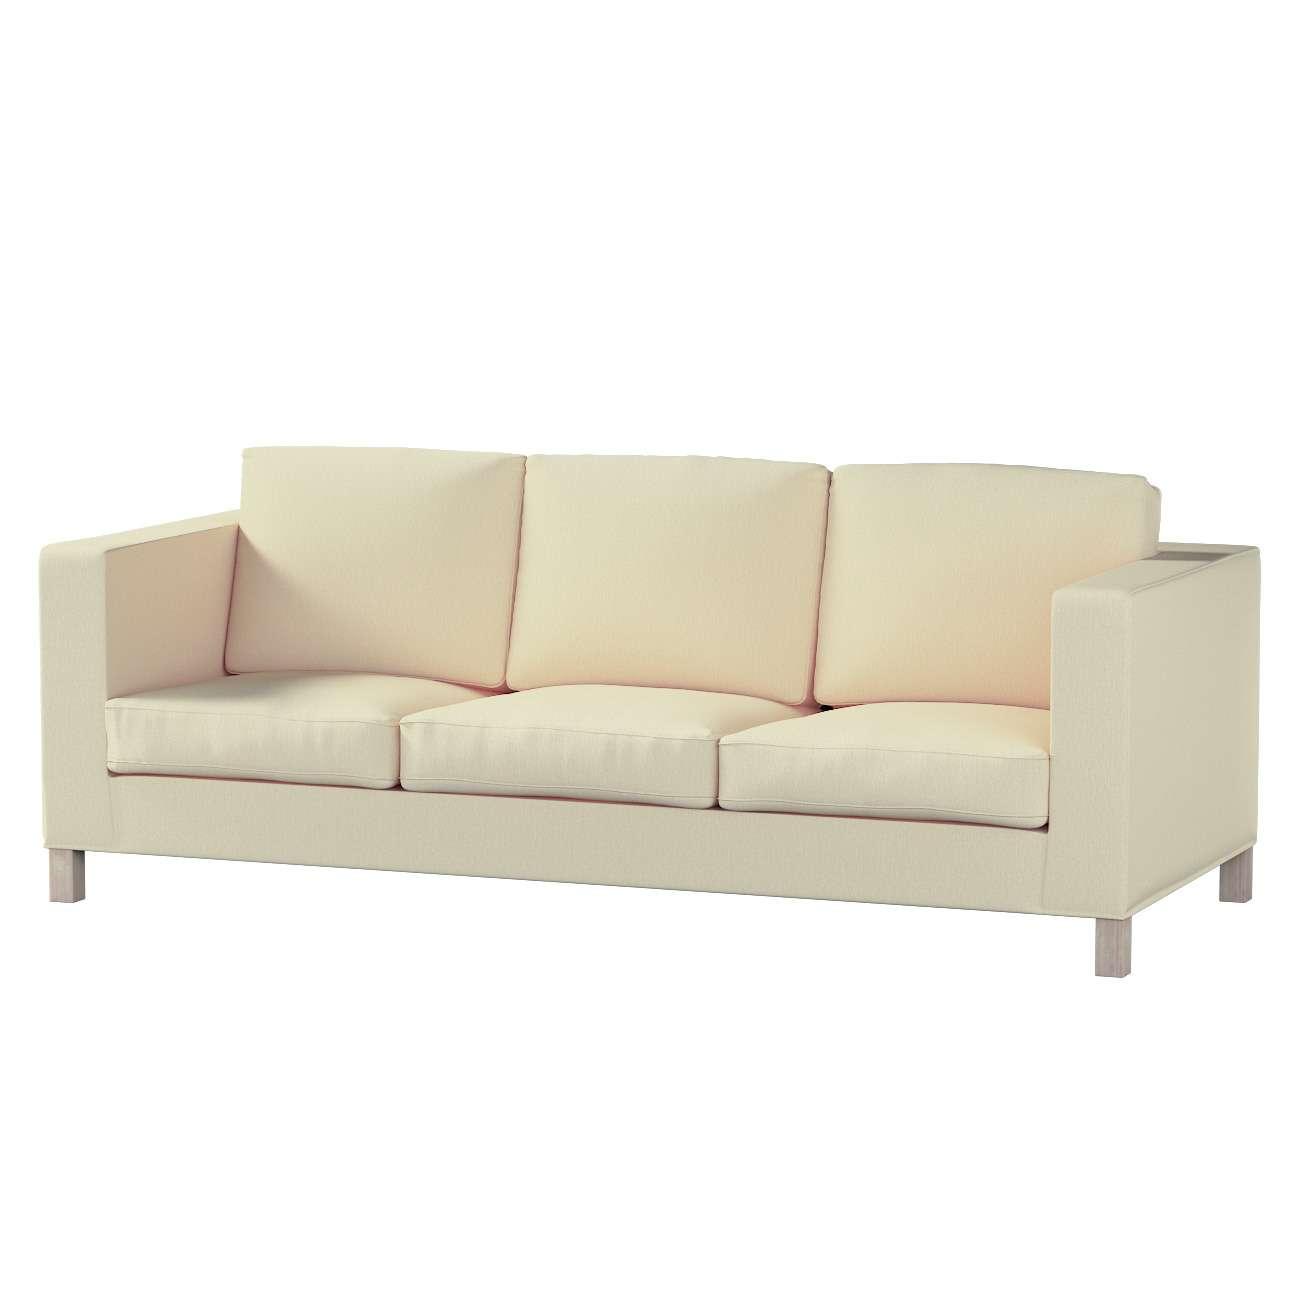 Pokrowiec na sofę Karlanda 3-osobową nierozkładaną, krótki Sofa Karlanda 3-os w kolekcji Chenille, tkanina: 702-22